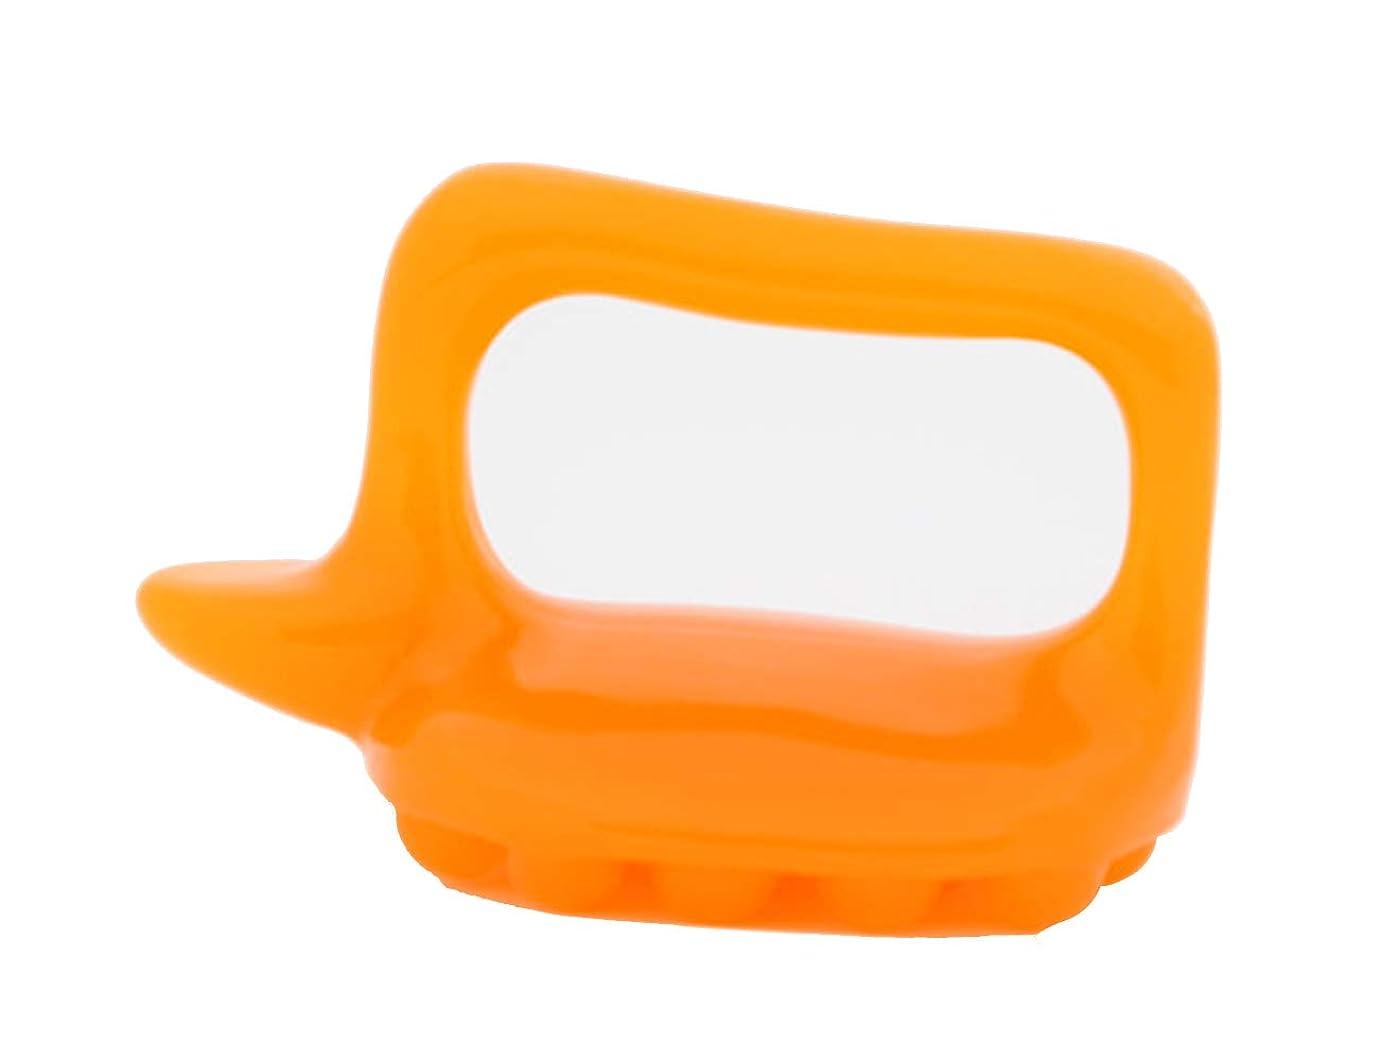 望まない数学誘発するボディマッサージ首の背部頭部のための携帯用蜜蝋の樹脂のマッサージ用具4つの形の選択 Elitzia ETML1067 (オレンジボディマッサージタートル)